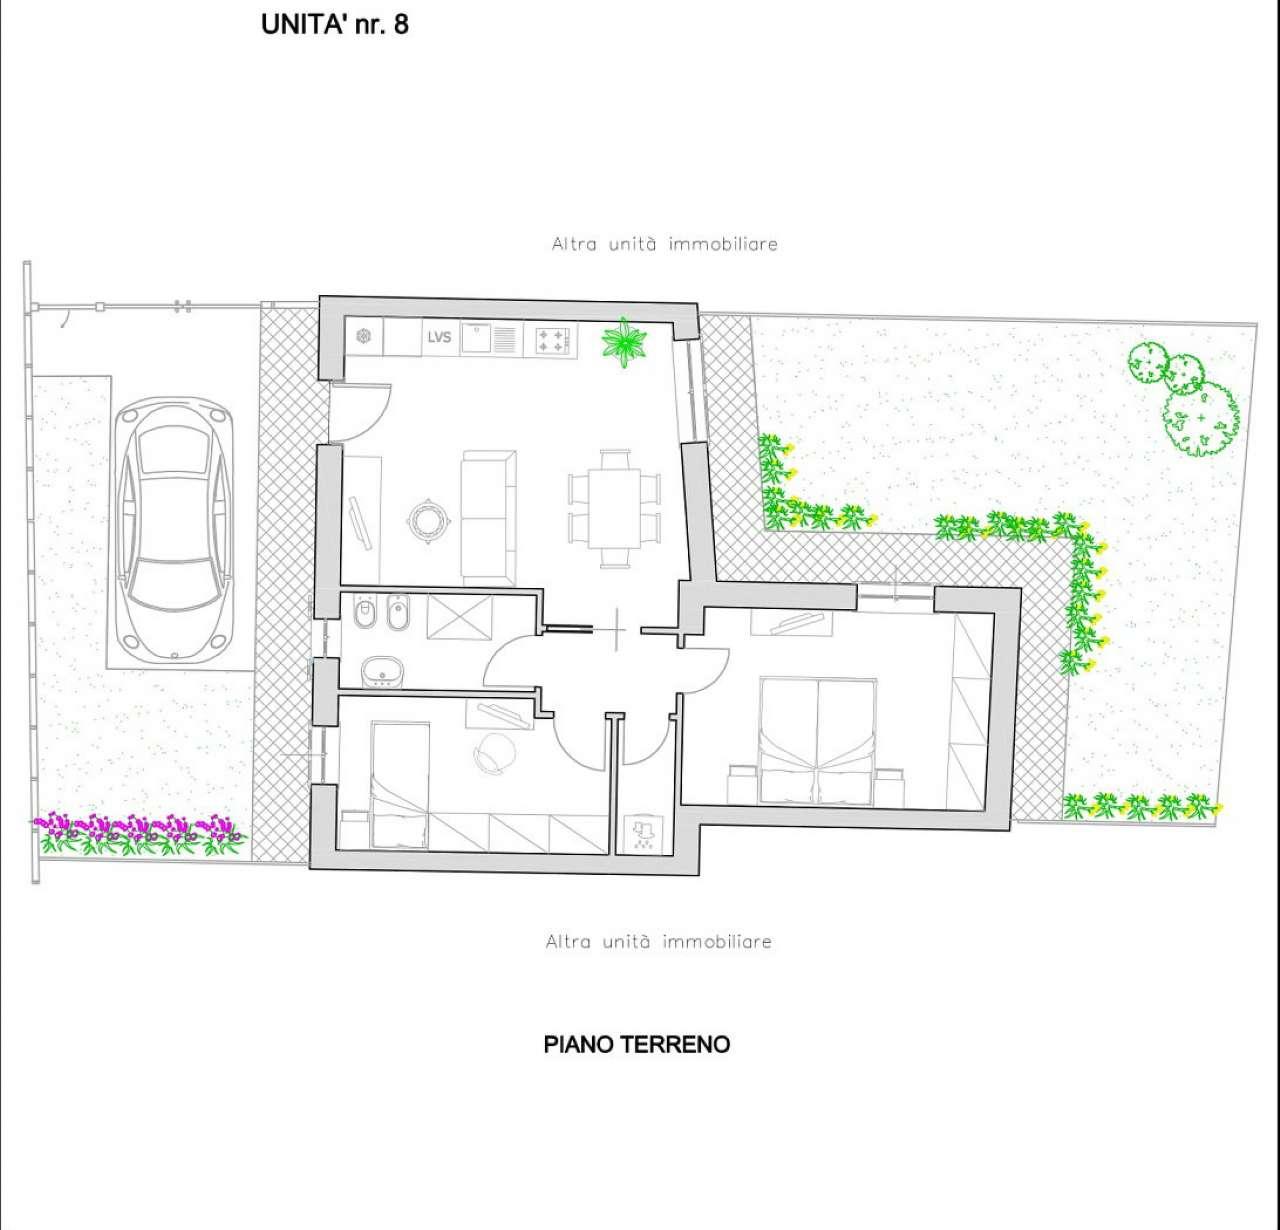 Appartamento in vendita a Campi Bisenzio, 3 locali, prezzo € 225.000 | PortaleAgenzieImmobiliari.it